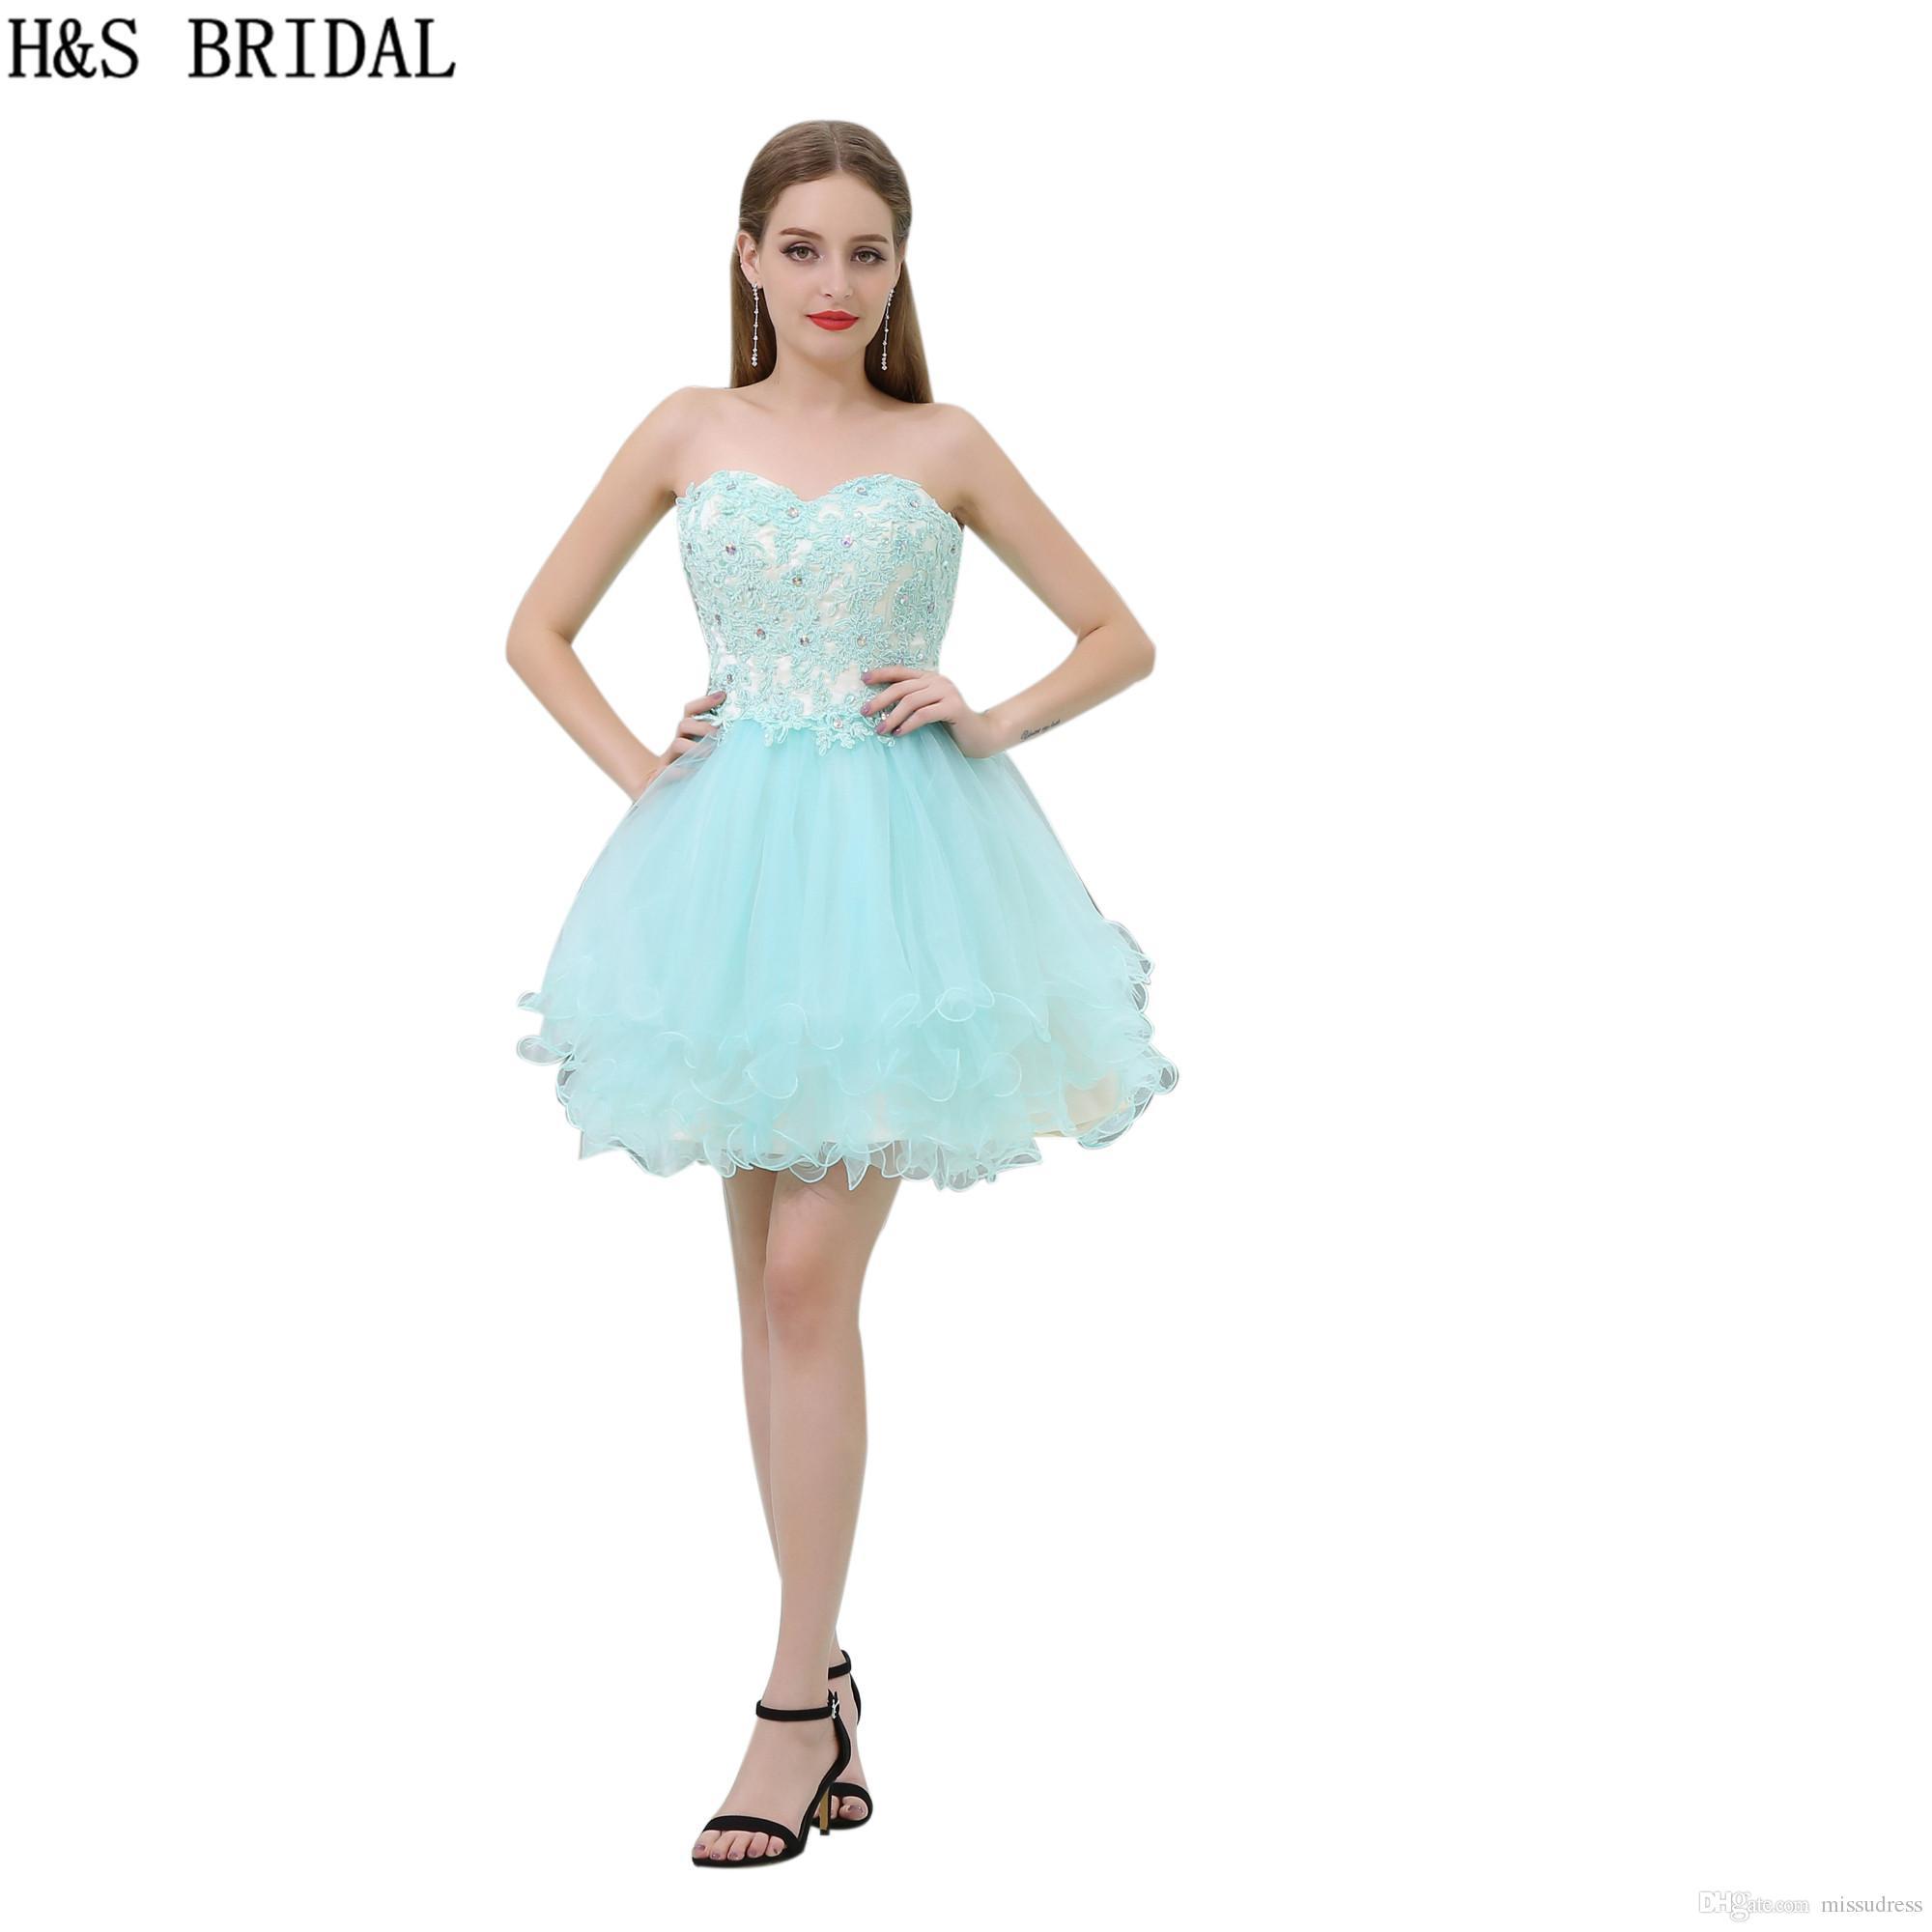 Bleu Dentelle Robes De Mini B030 Courte Cocktail Filles Sweetheart Ciel Party Bal Appliques NwOk0nP8X